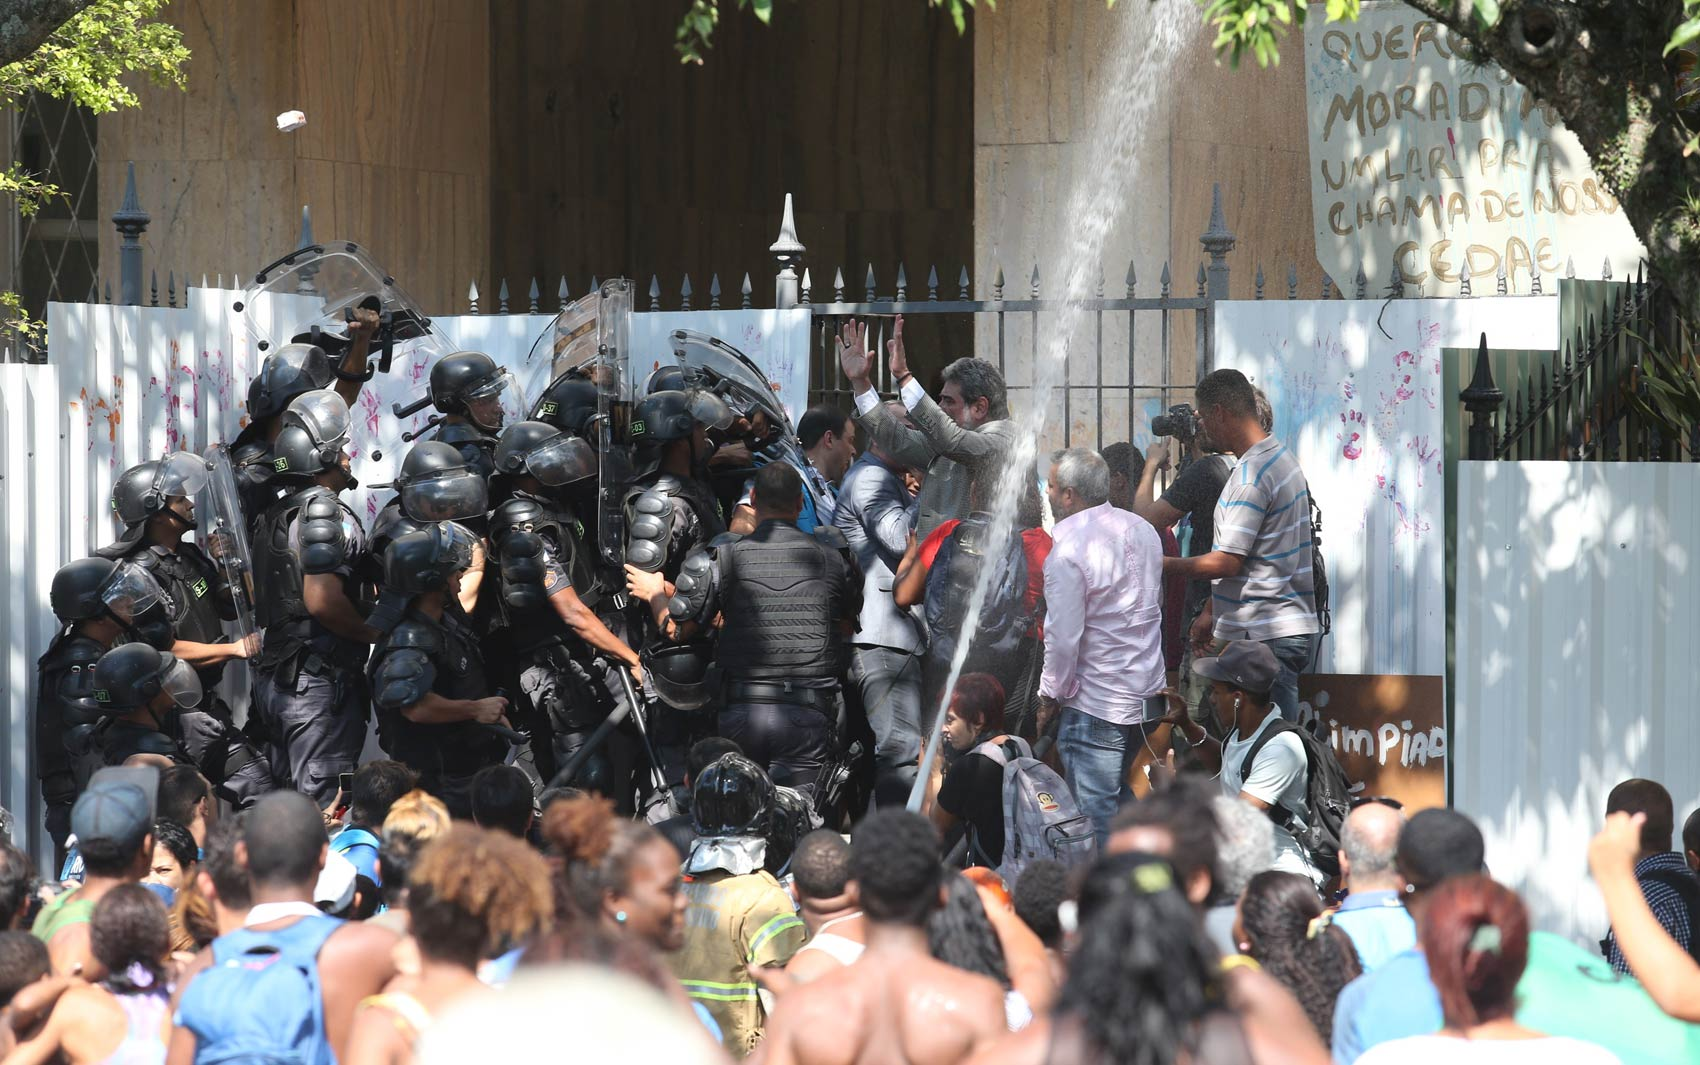 Tumulto durante a saída dos sem-teto do prédio Hilton Santos, no Aterro do Flamengo, zona sul do Rio de Janeiro